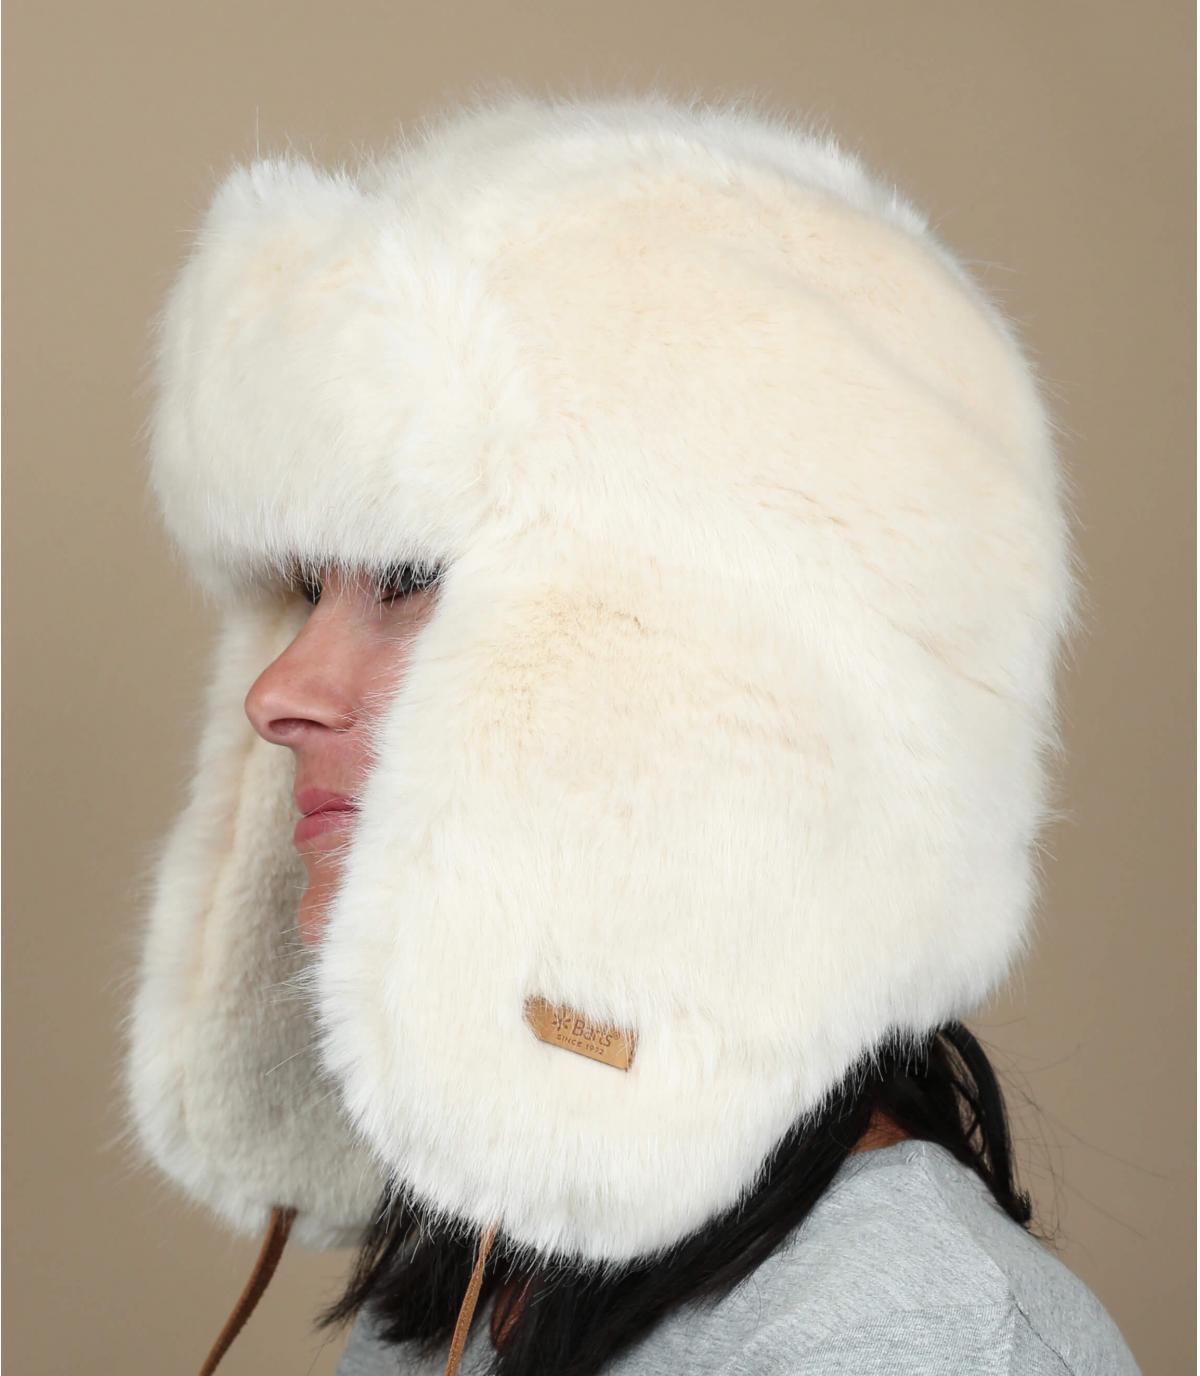 Buy Barts trapper hat - Online trapper hat shop 9ffe6051badf